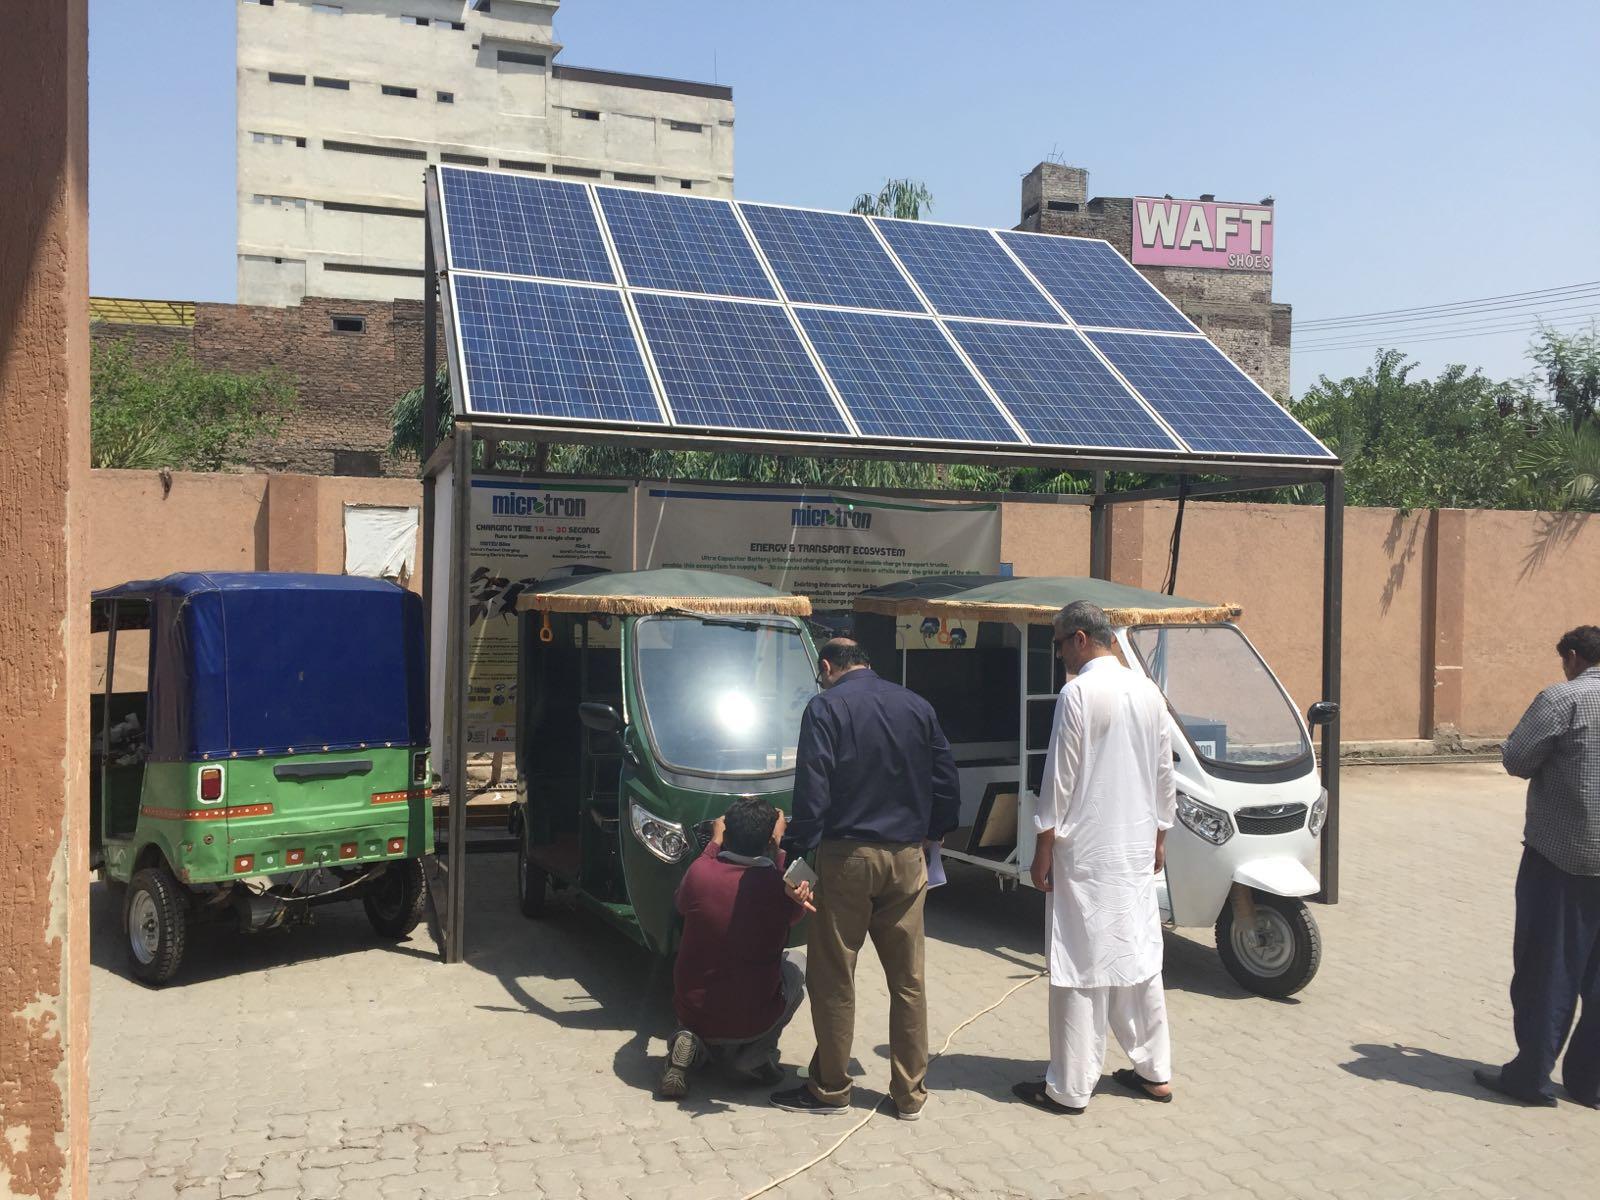 Rick-e 1st Pilot Program in Peshawar, Pakistan